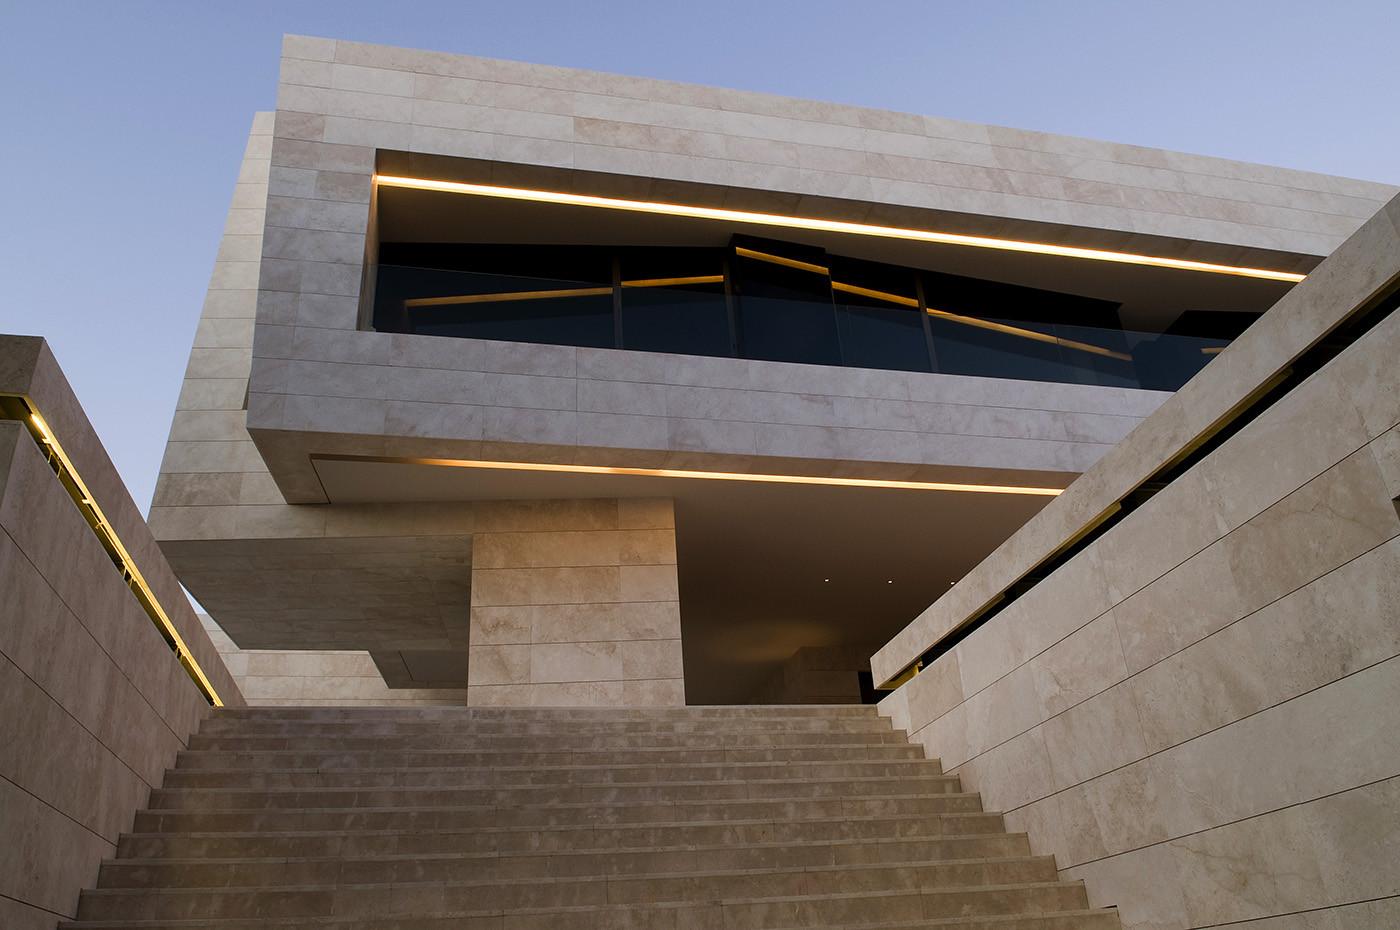 Gallery of single family property in marbella a cero 11 - Aplacado piedra fachada ...